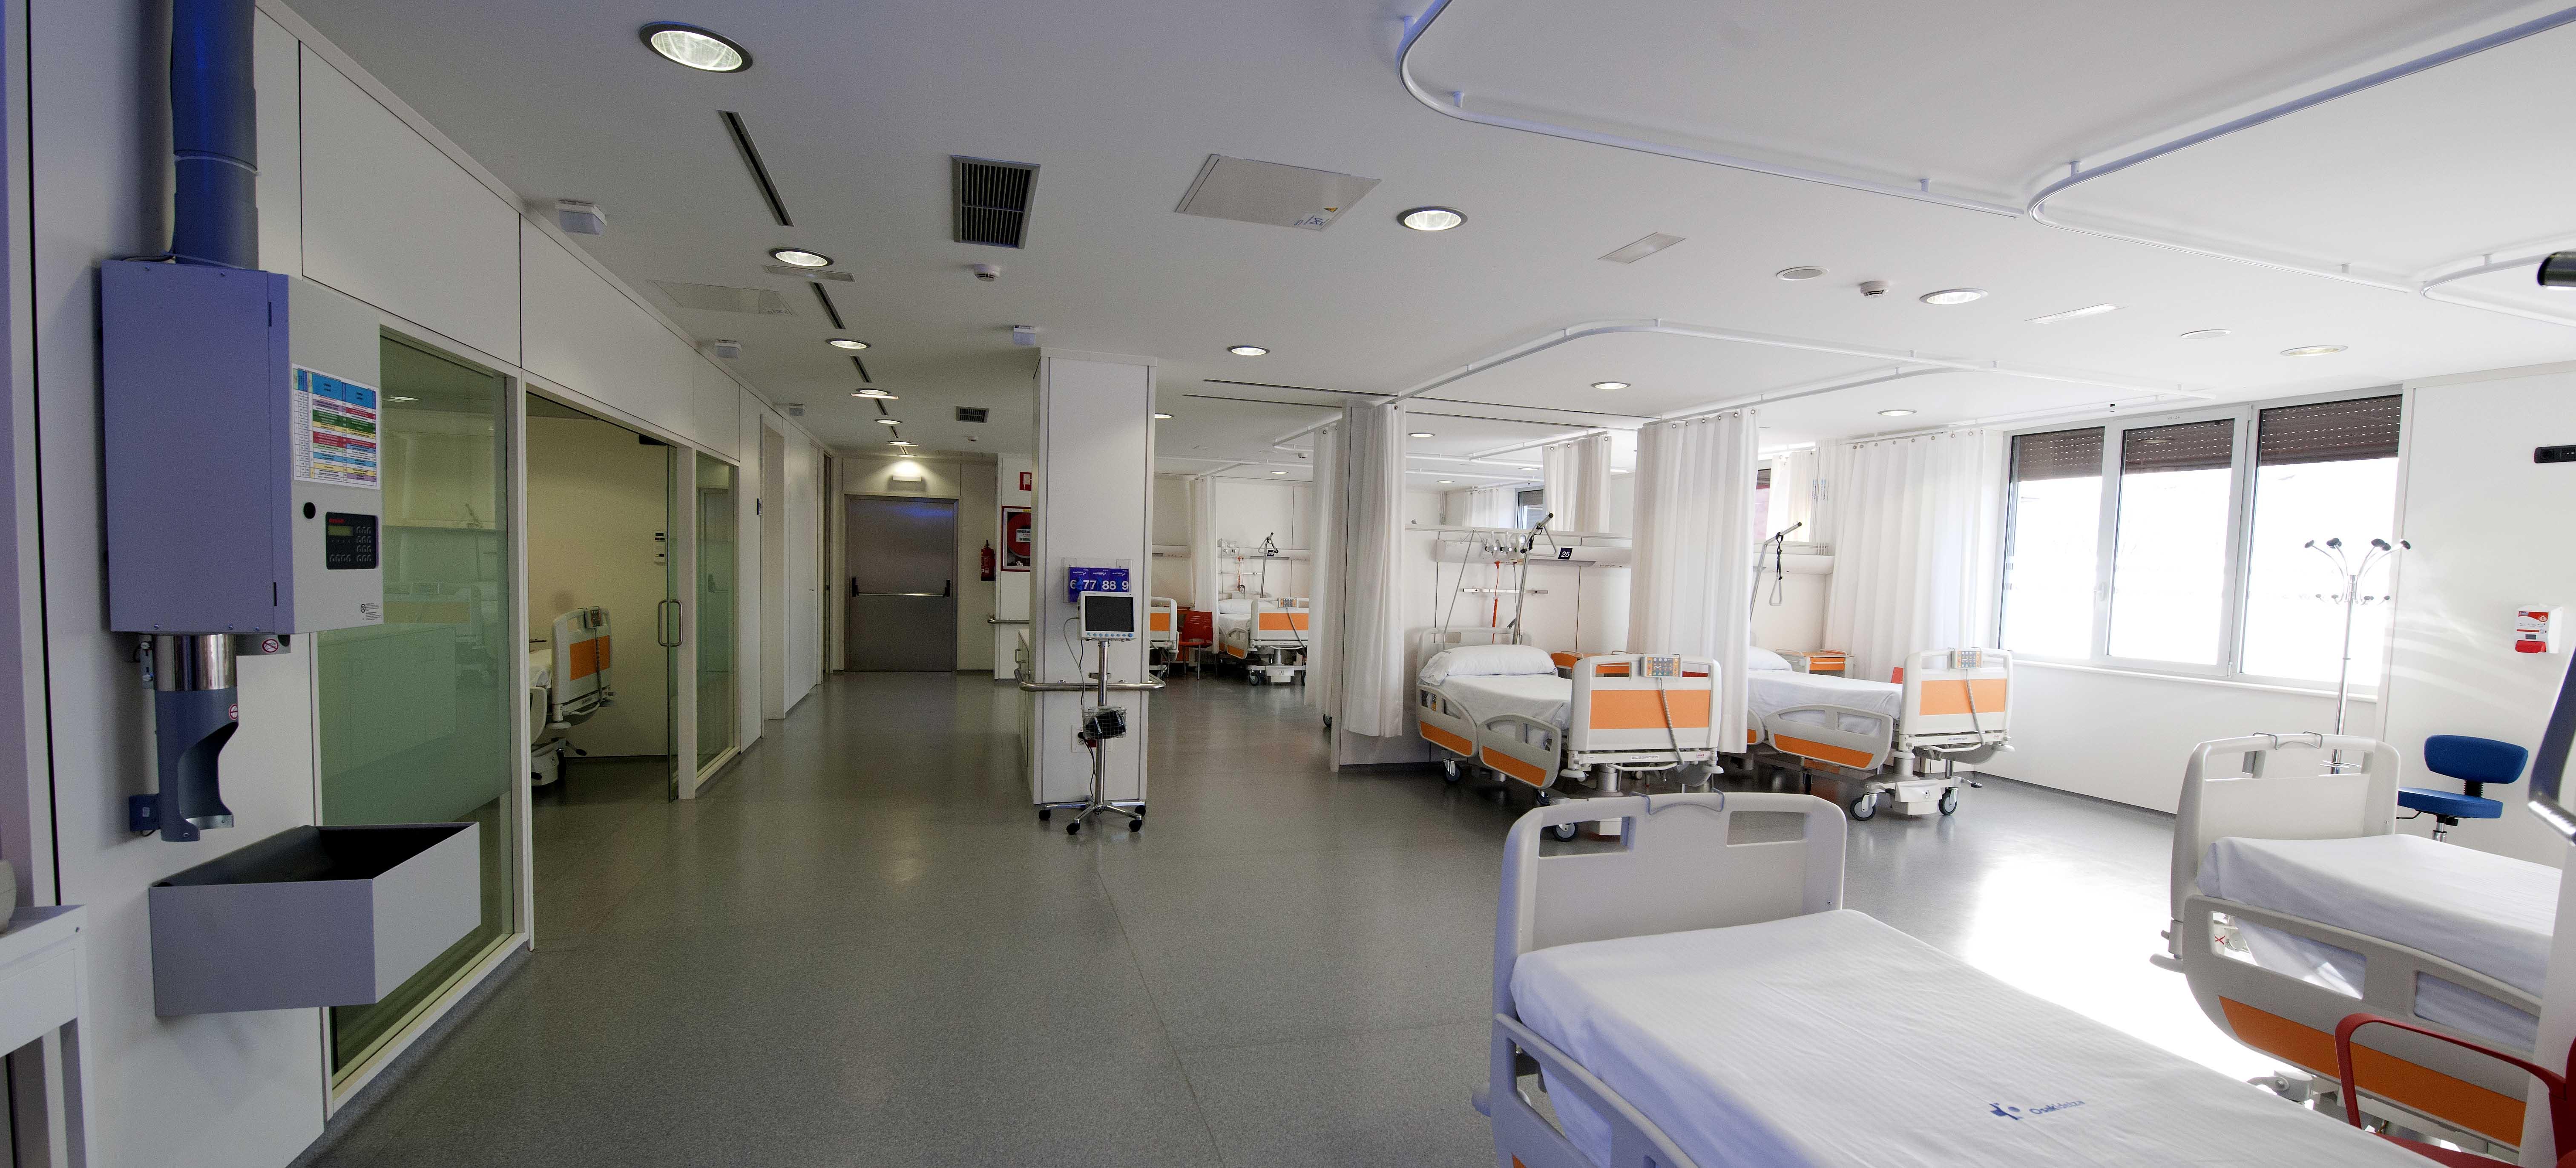 Irekia eusko jaurlaritza gobierno vasco el nuevo for Hospital de dia madrid